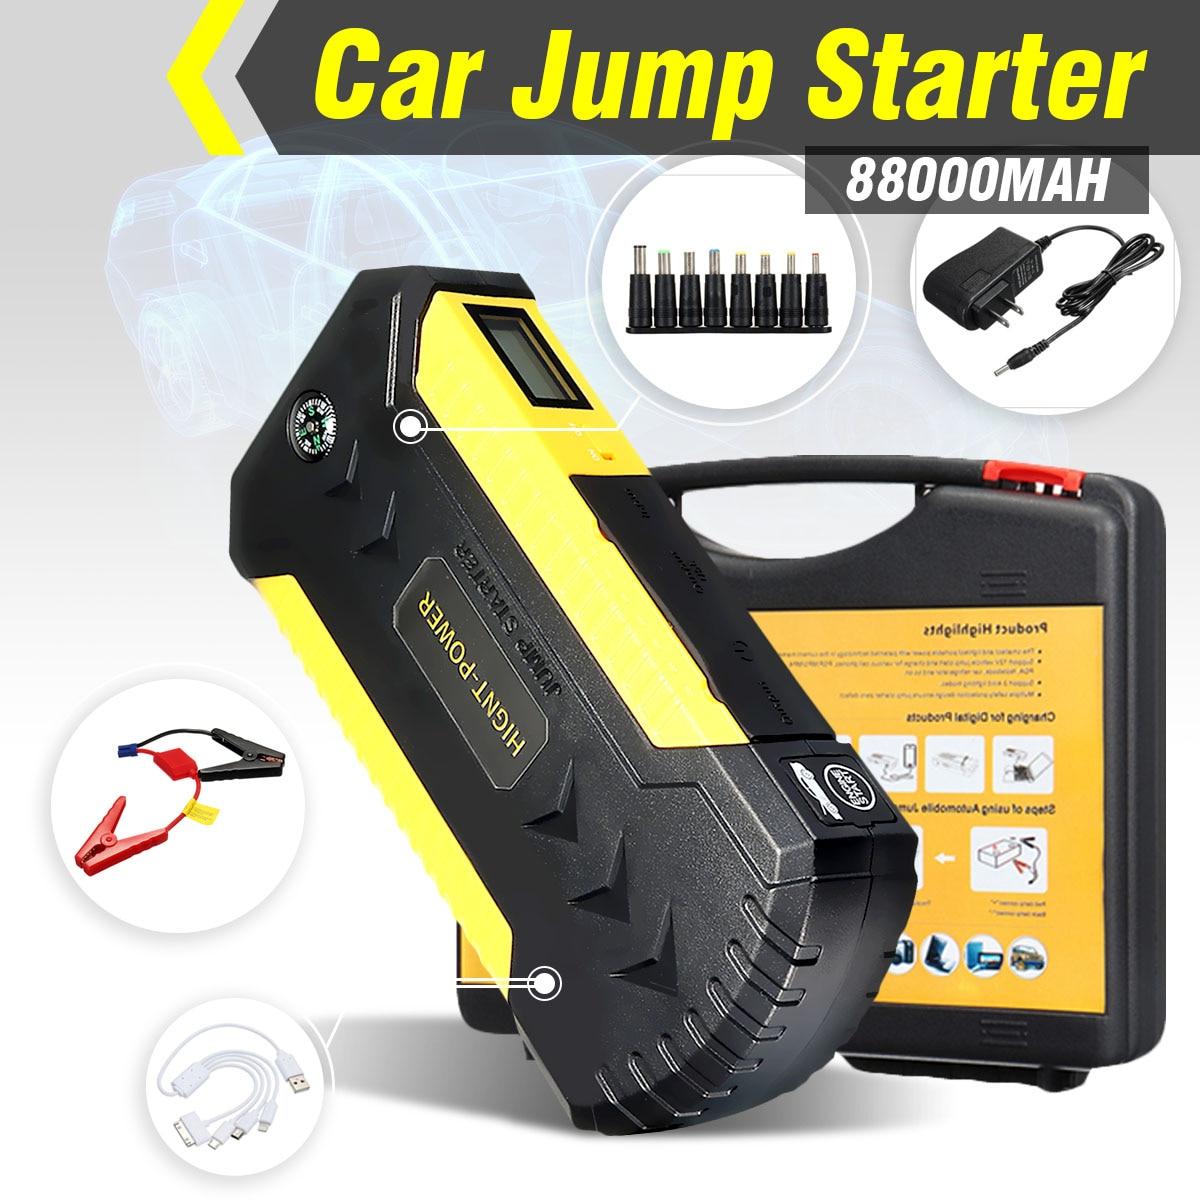 Multifonction Jump Starter 88000 mAh 12 V 4USB 600A Portable Batterie De Voiture D'urgence Chargeur batterie externe Booster Dispositif de Démarrage